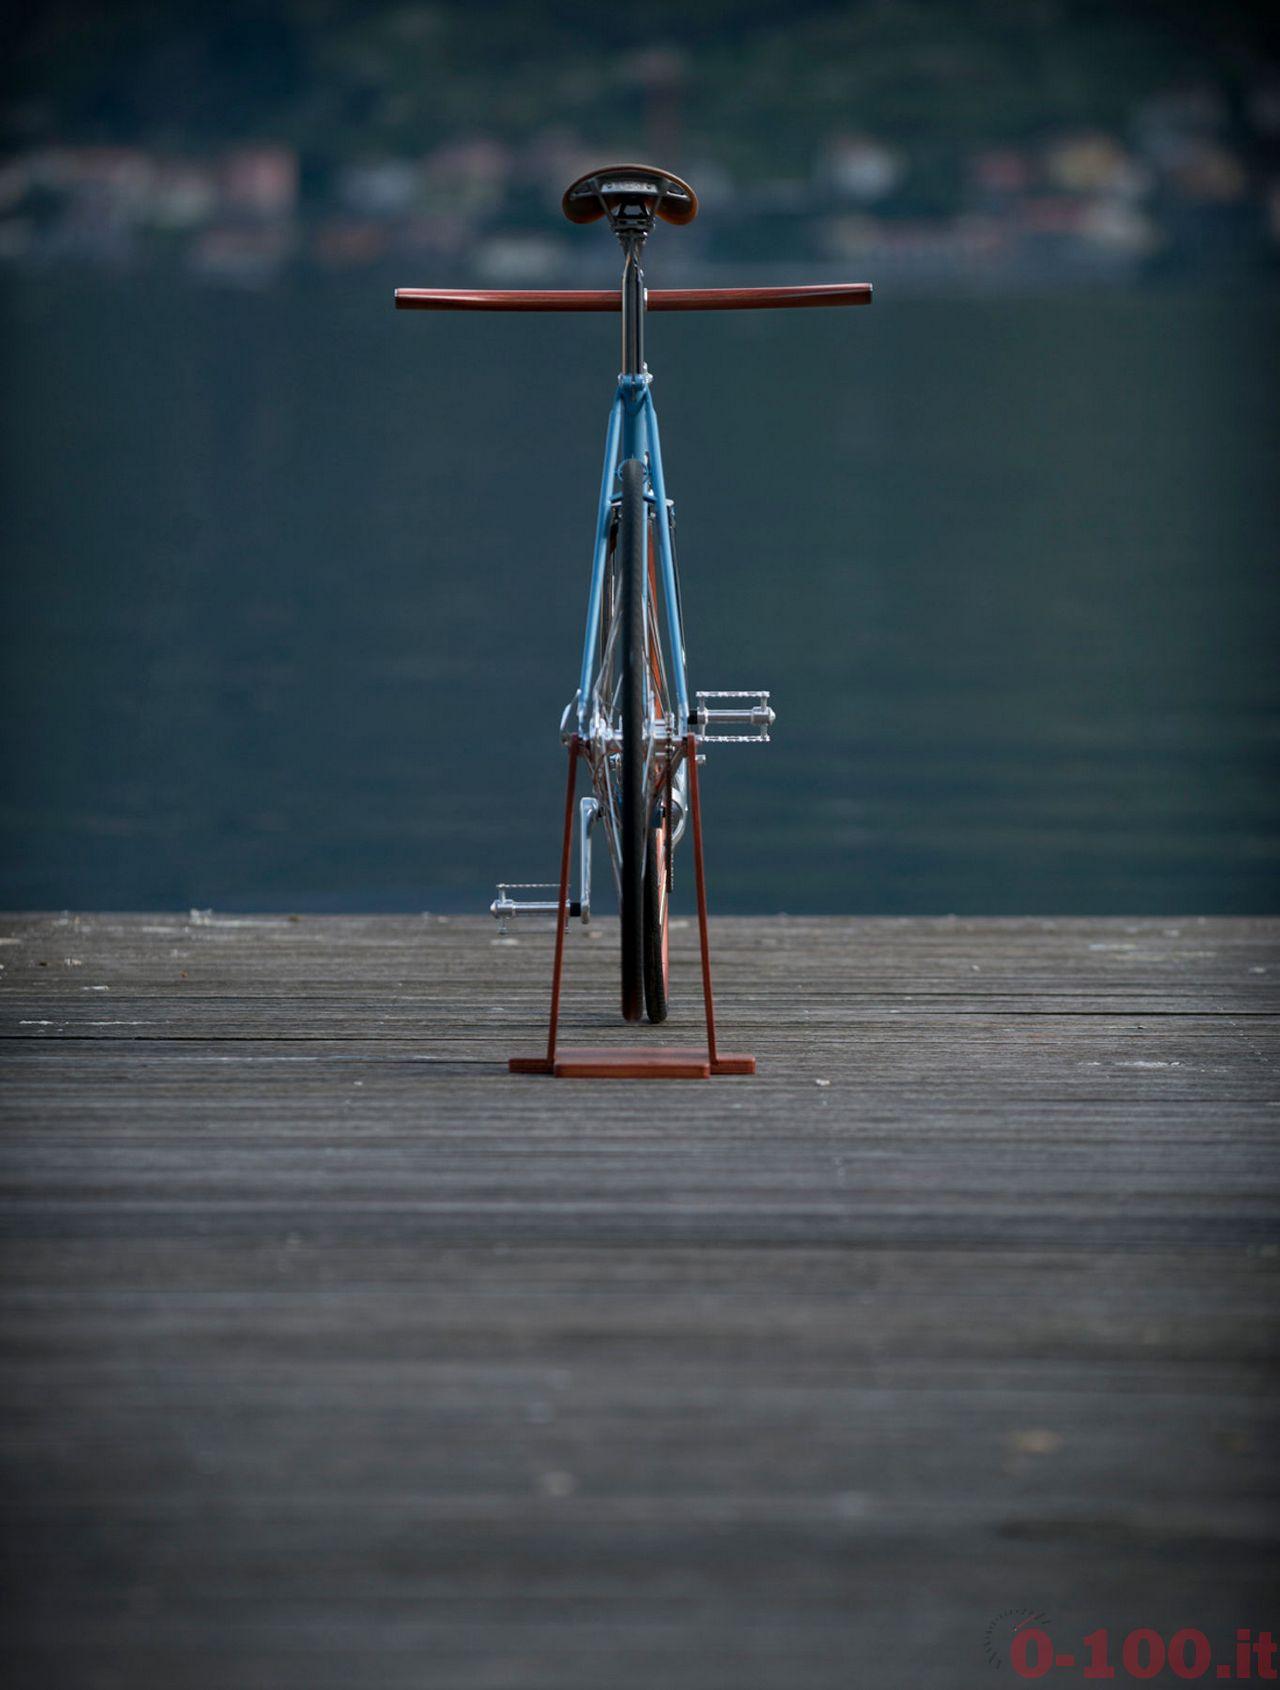 biciclette-revolton-made-como_0-1006